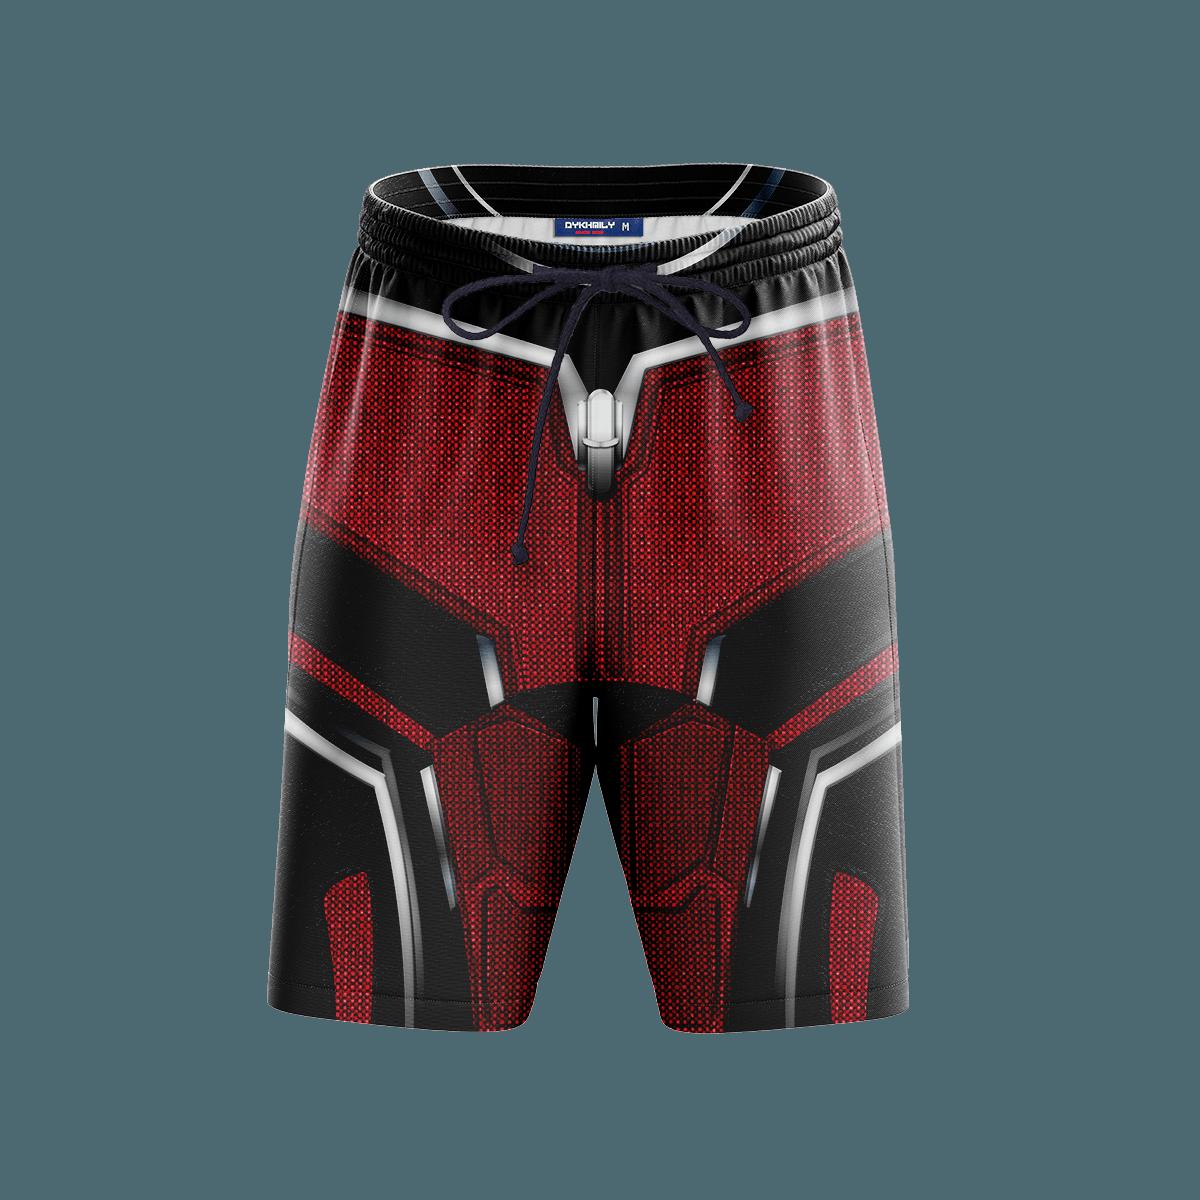 Scott Beach Shorts FDM3107 S Official Anime Swimsuit Merch